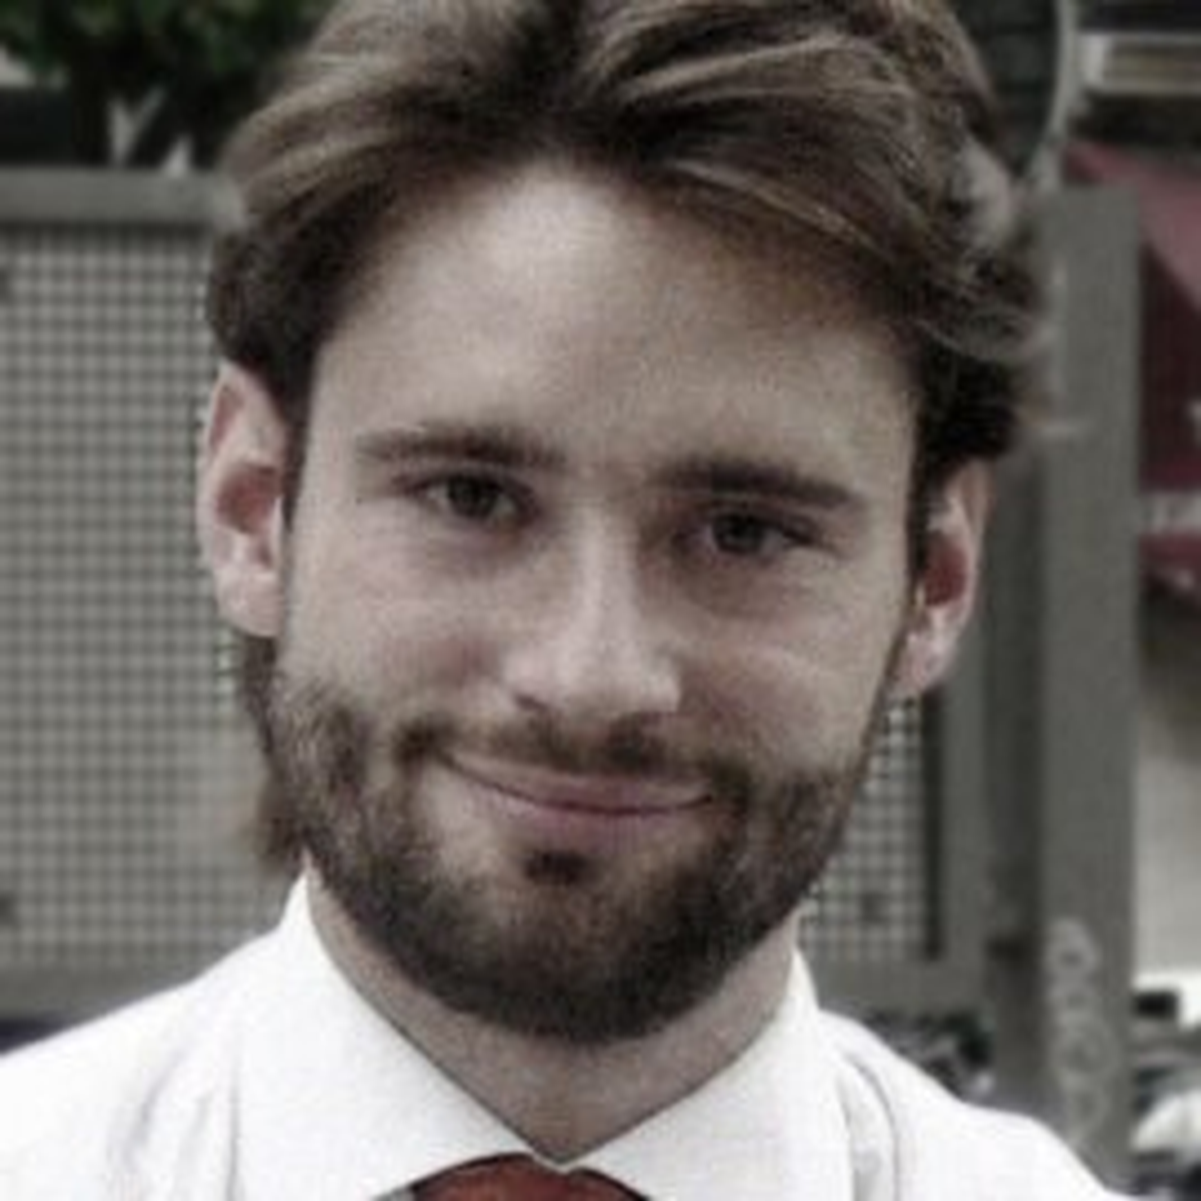 Stefan Dieffenbacher